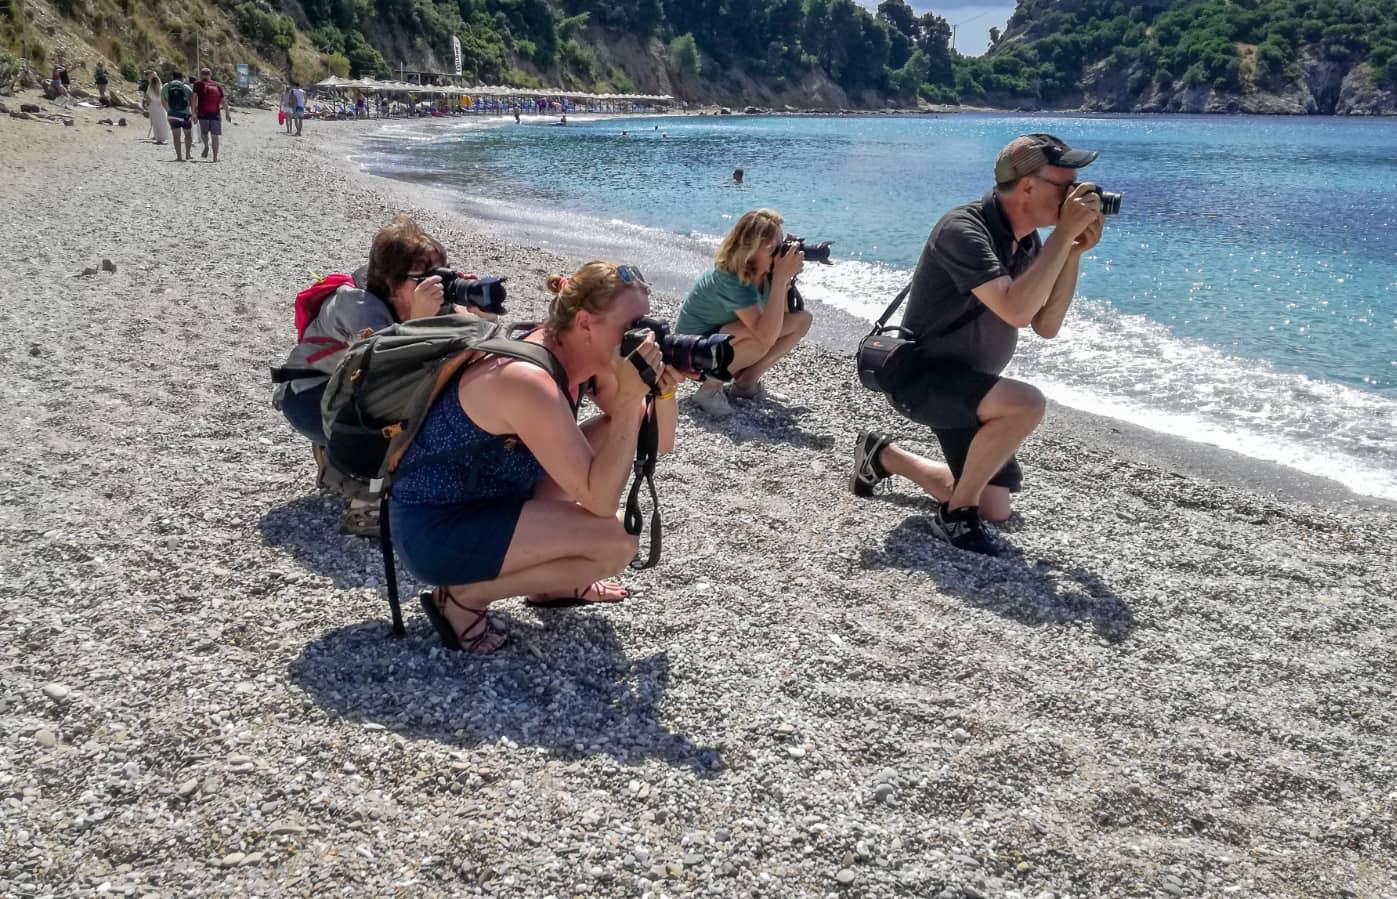 fotografen op Skopeloos, Griekenland op het strand bij de kustlijn